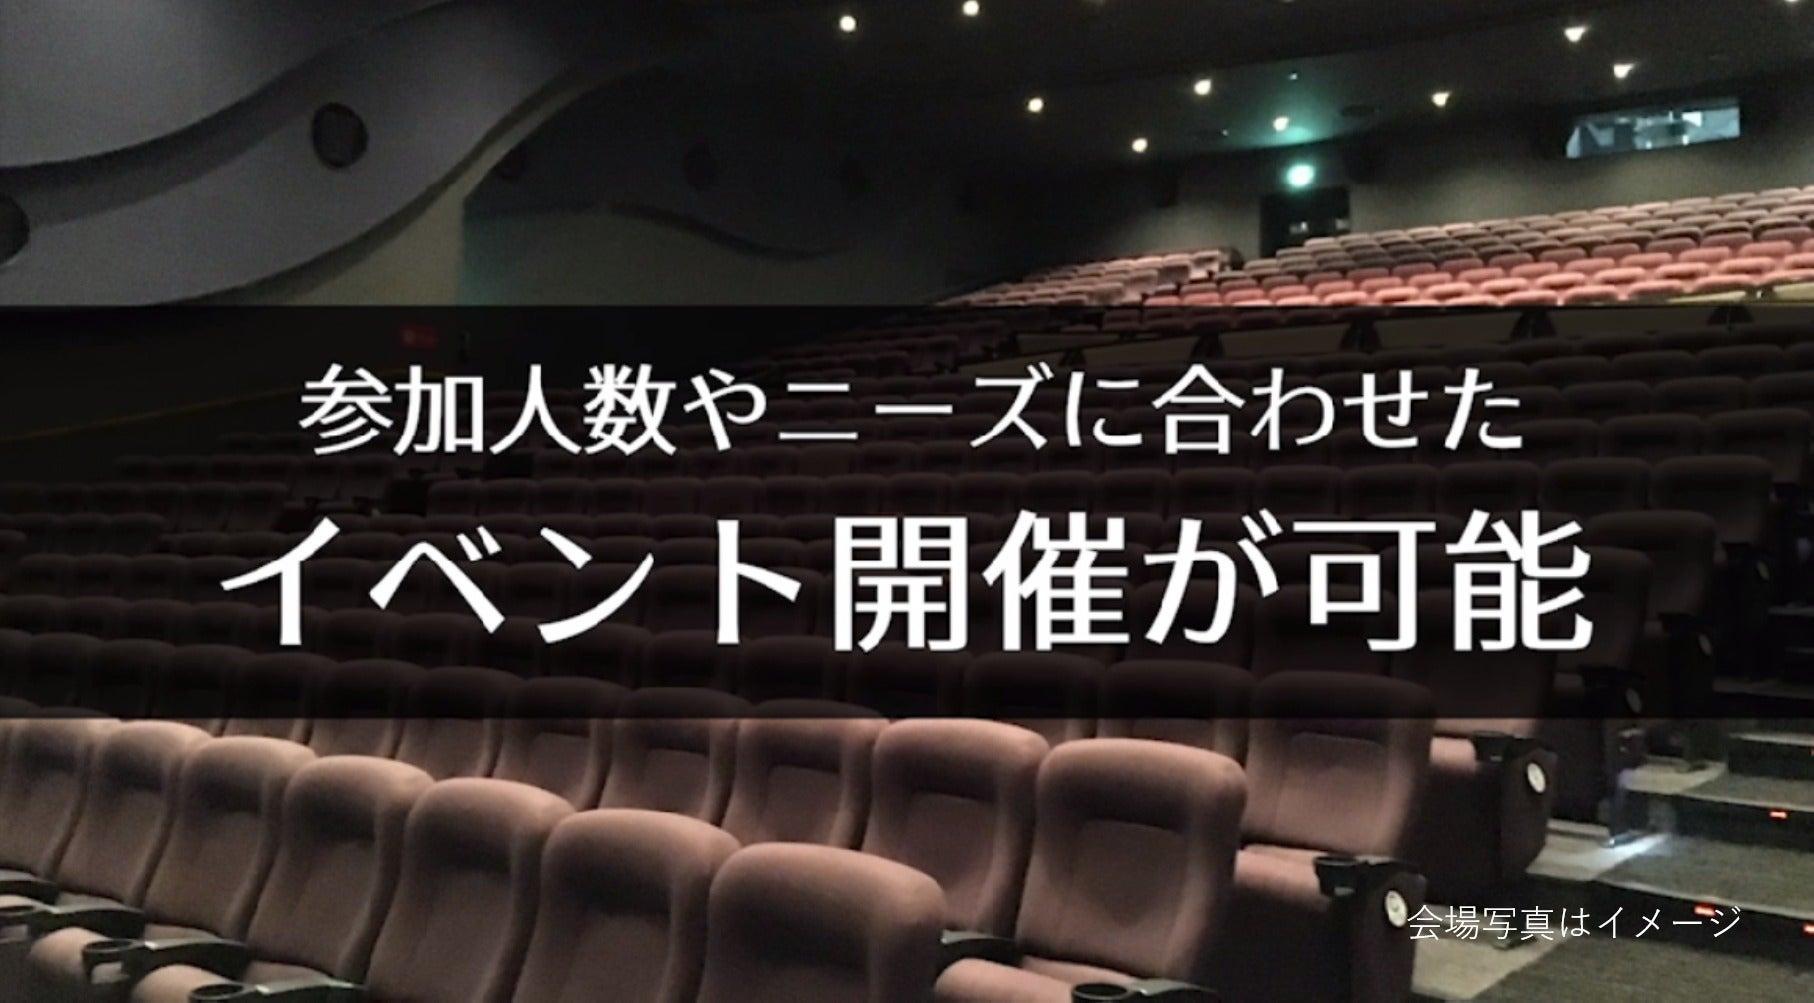 【新潟 382席】映画館で、会社説明会、株主総会、講演会の企画はいかがですか?(ユナイテッド・シネマ新潟) の写真0